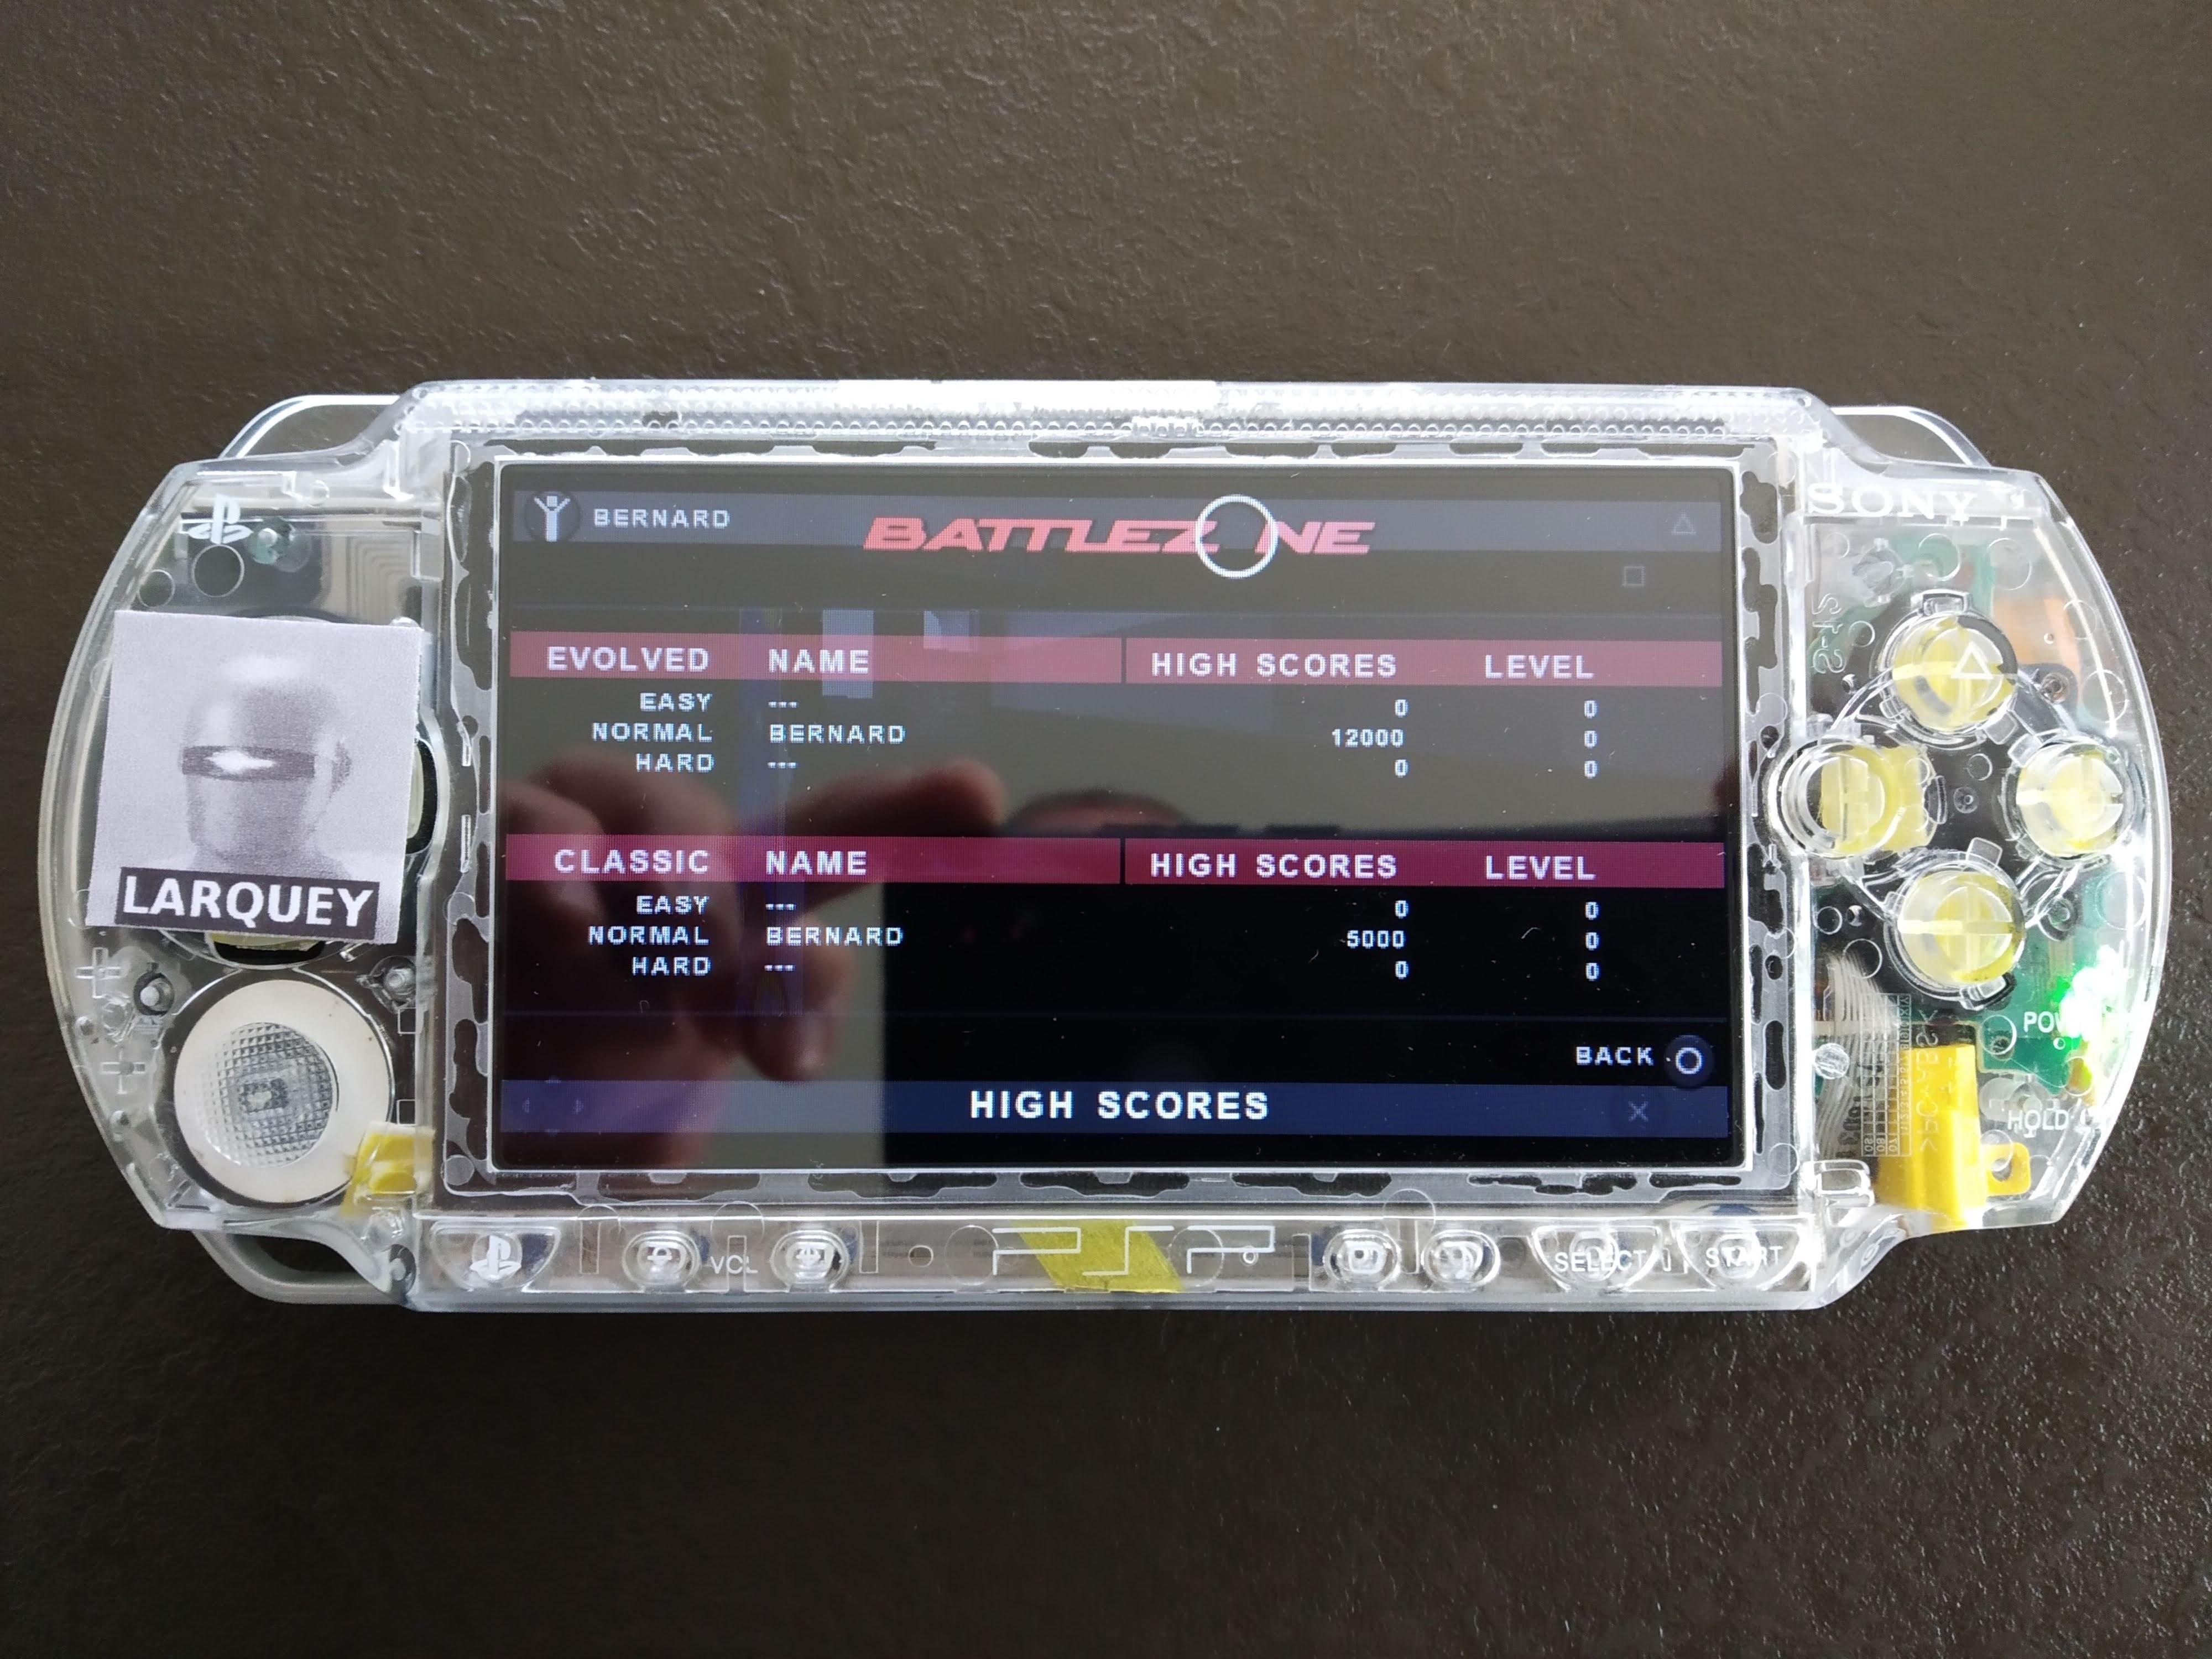 Atari Classics Evolved: Battlezone [Evolved] 12,000 points